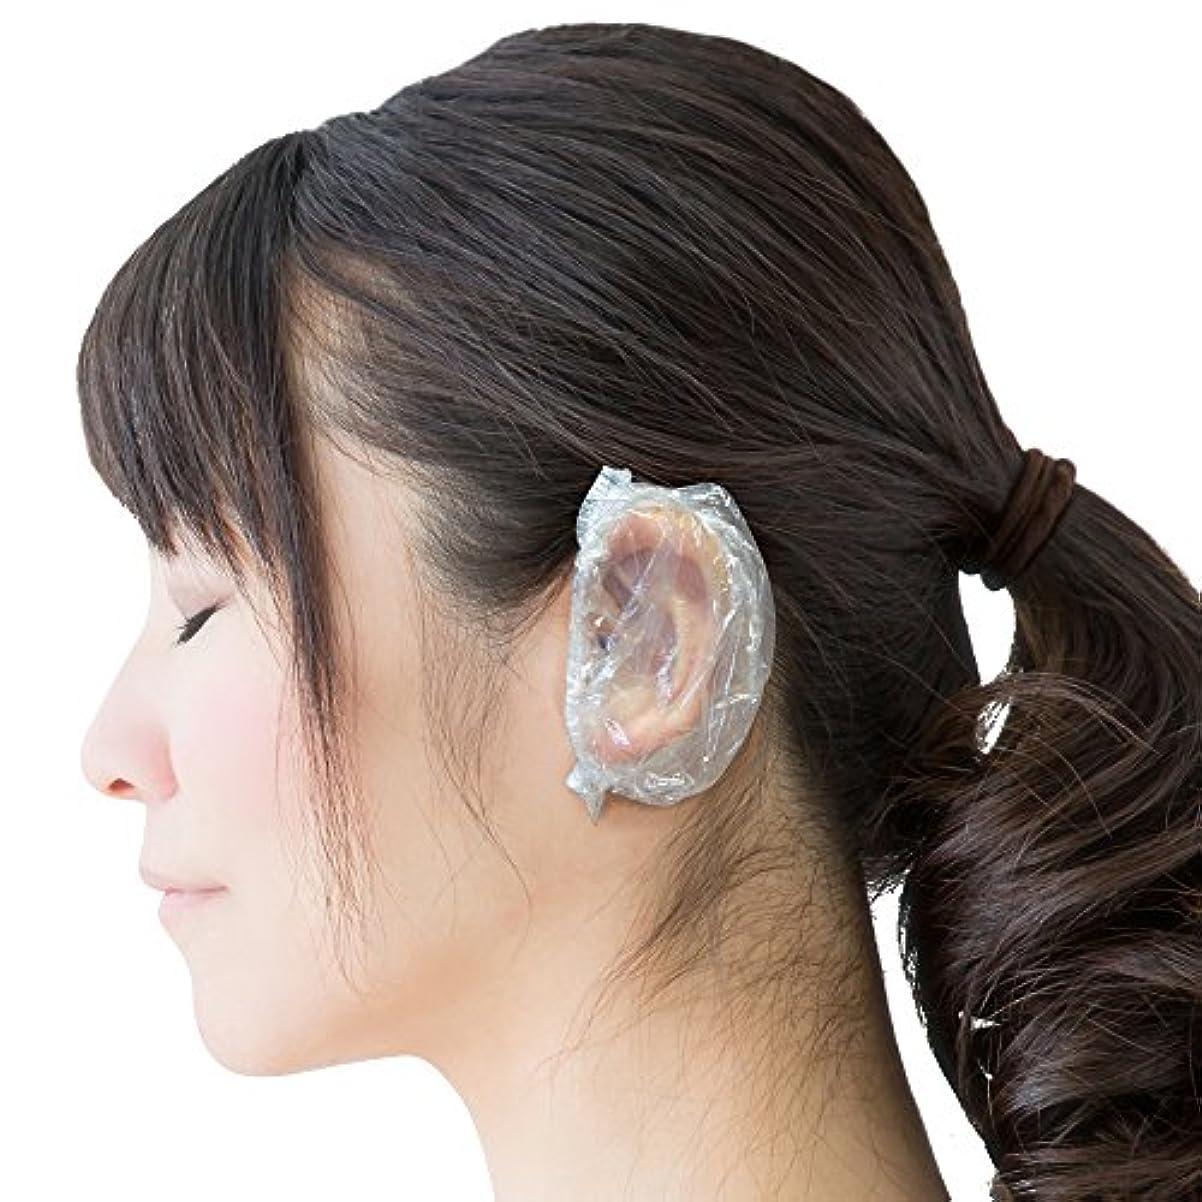 ピットサルベージ公式【Fiveten】 耳キャップ イヤーキャップ 耳カバー 毛染め 使い捨て 100個